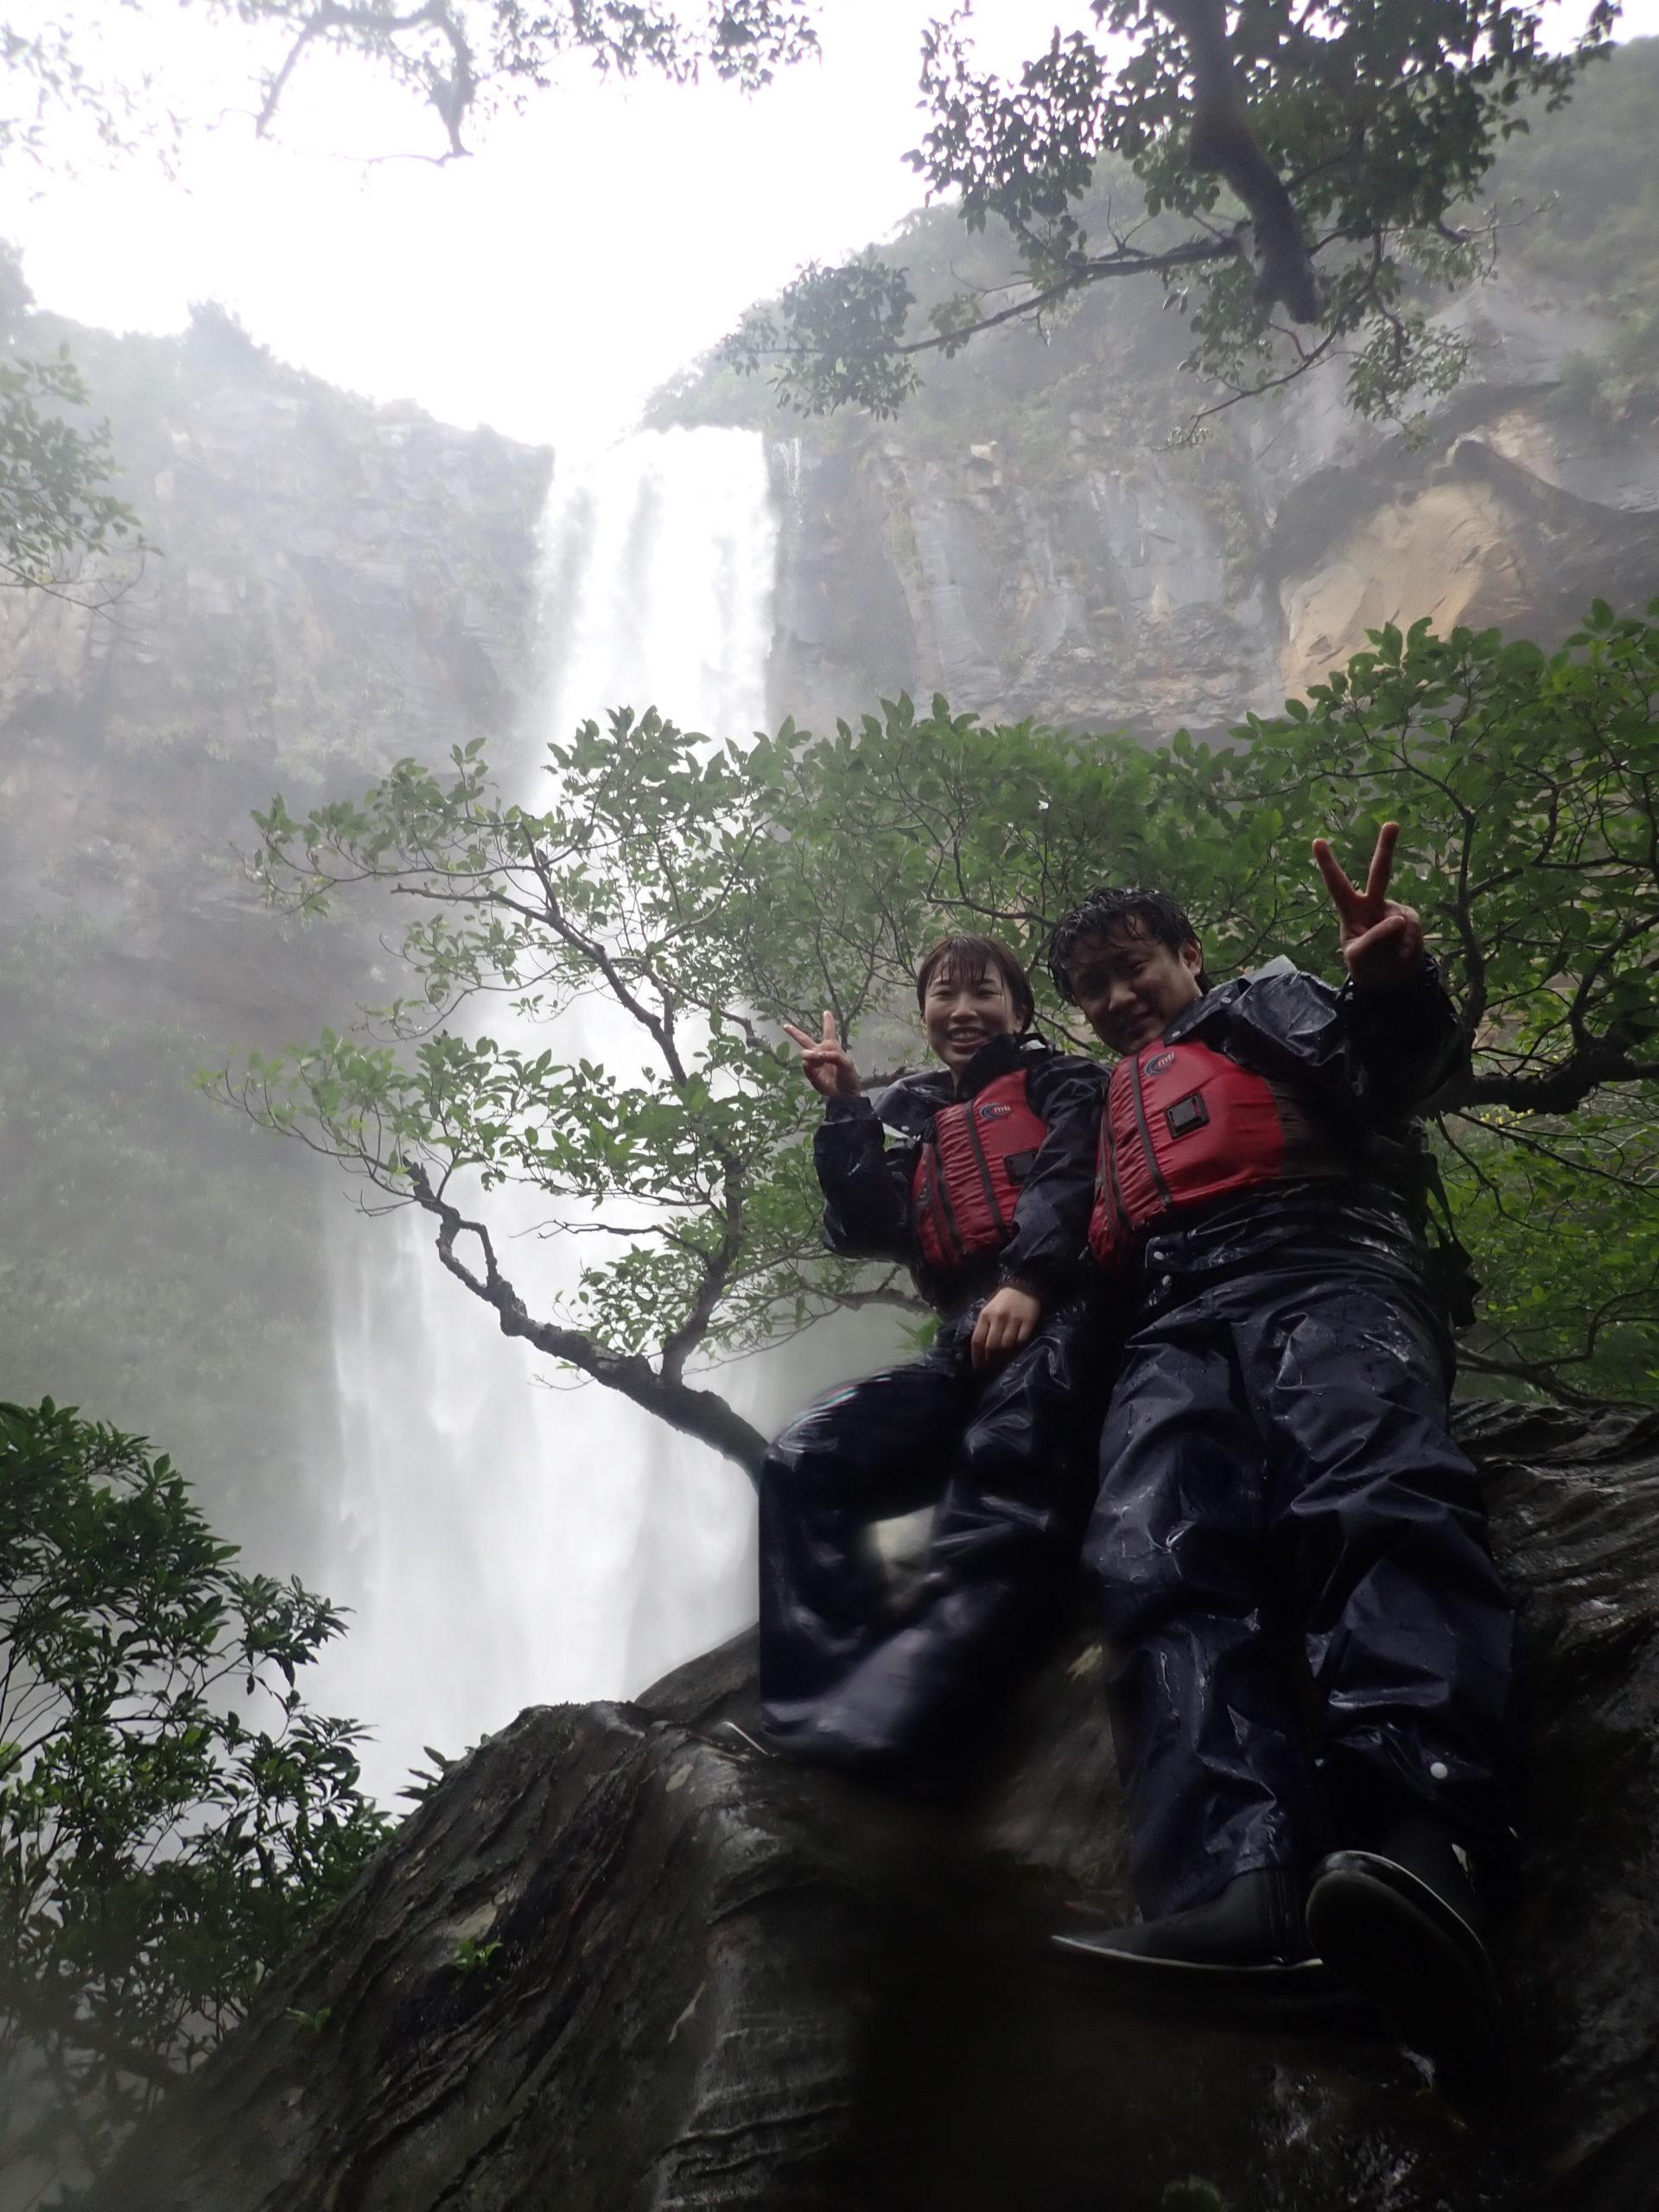 雨も悪いことばかりじゃない!大瀑布ピナイサーラの滝とジャングルカヌー